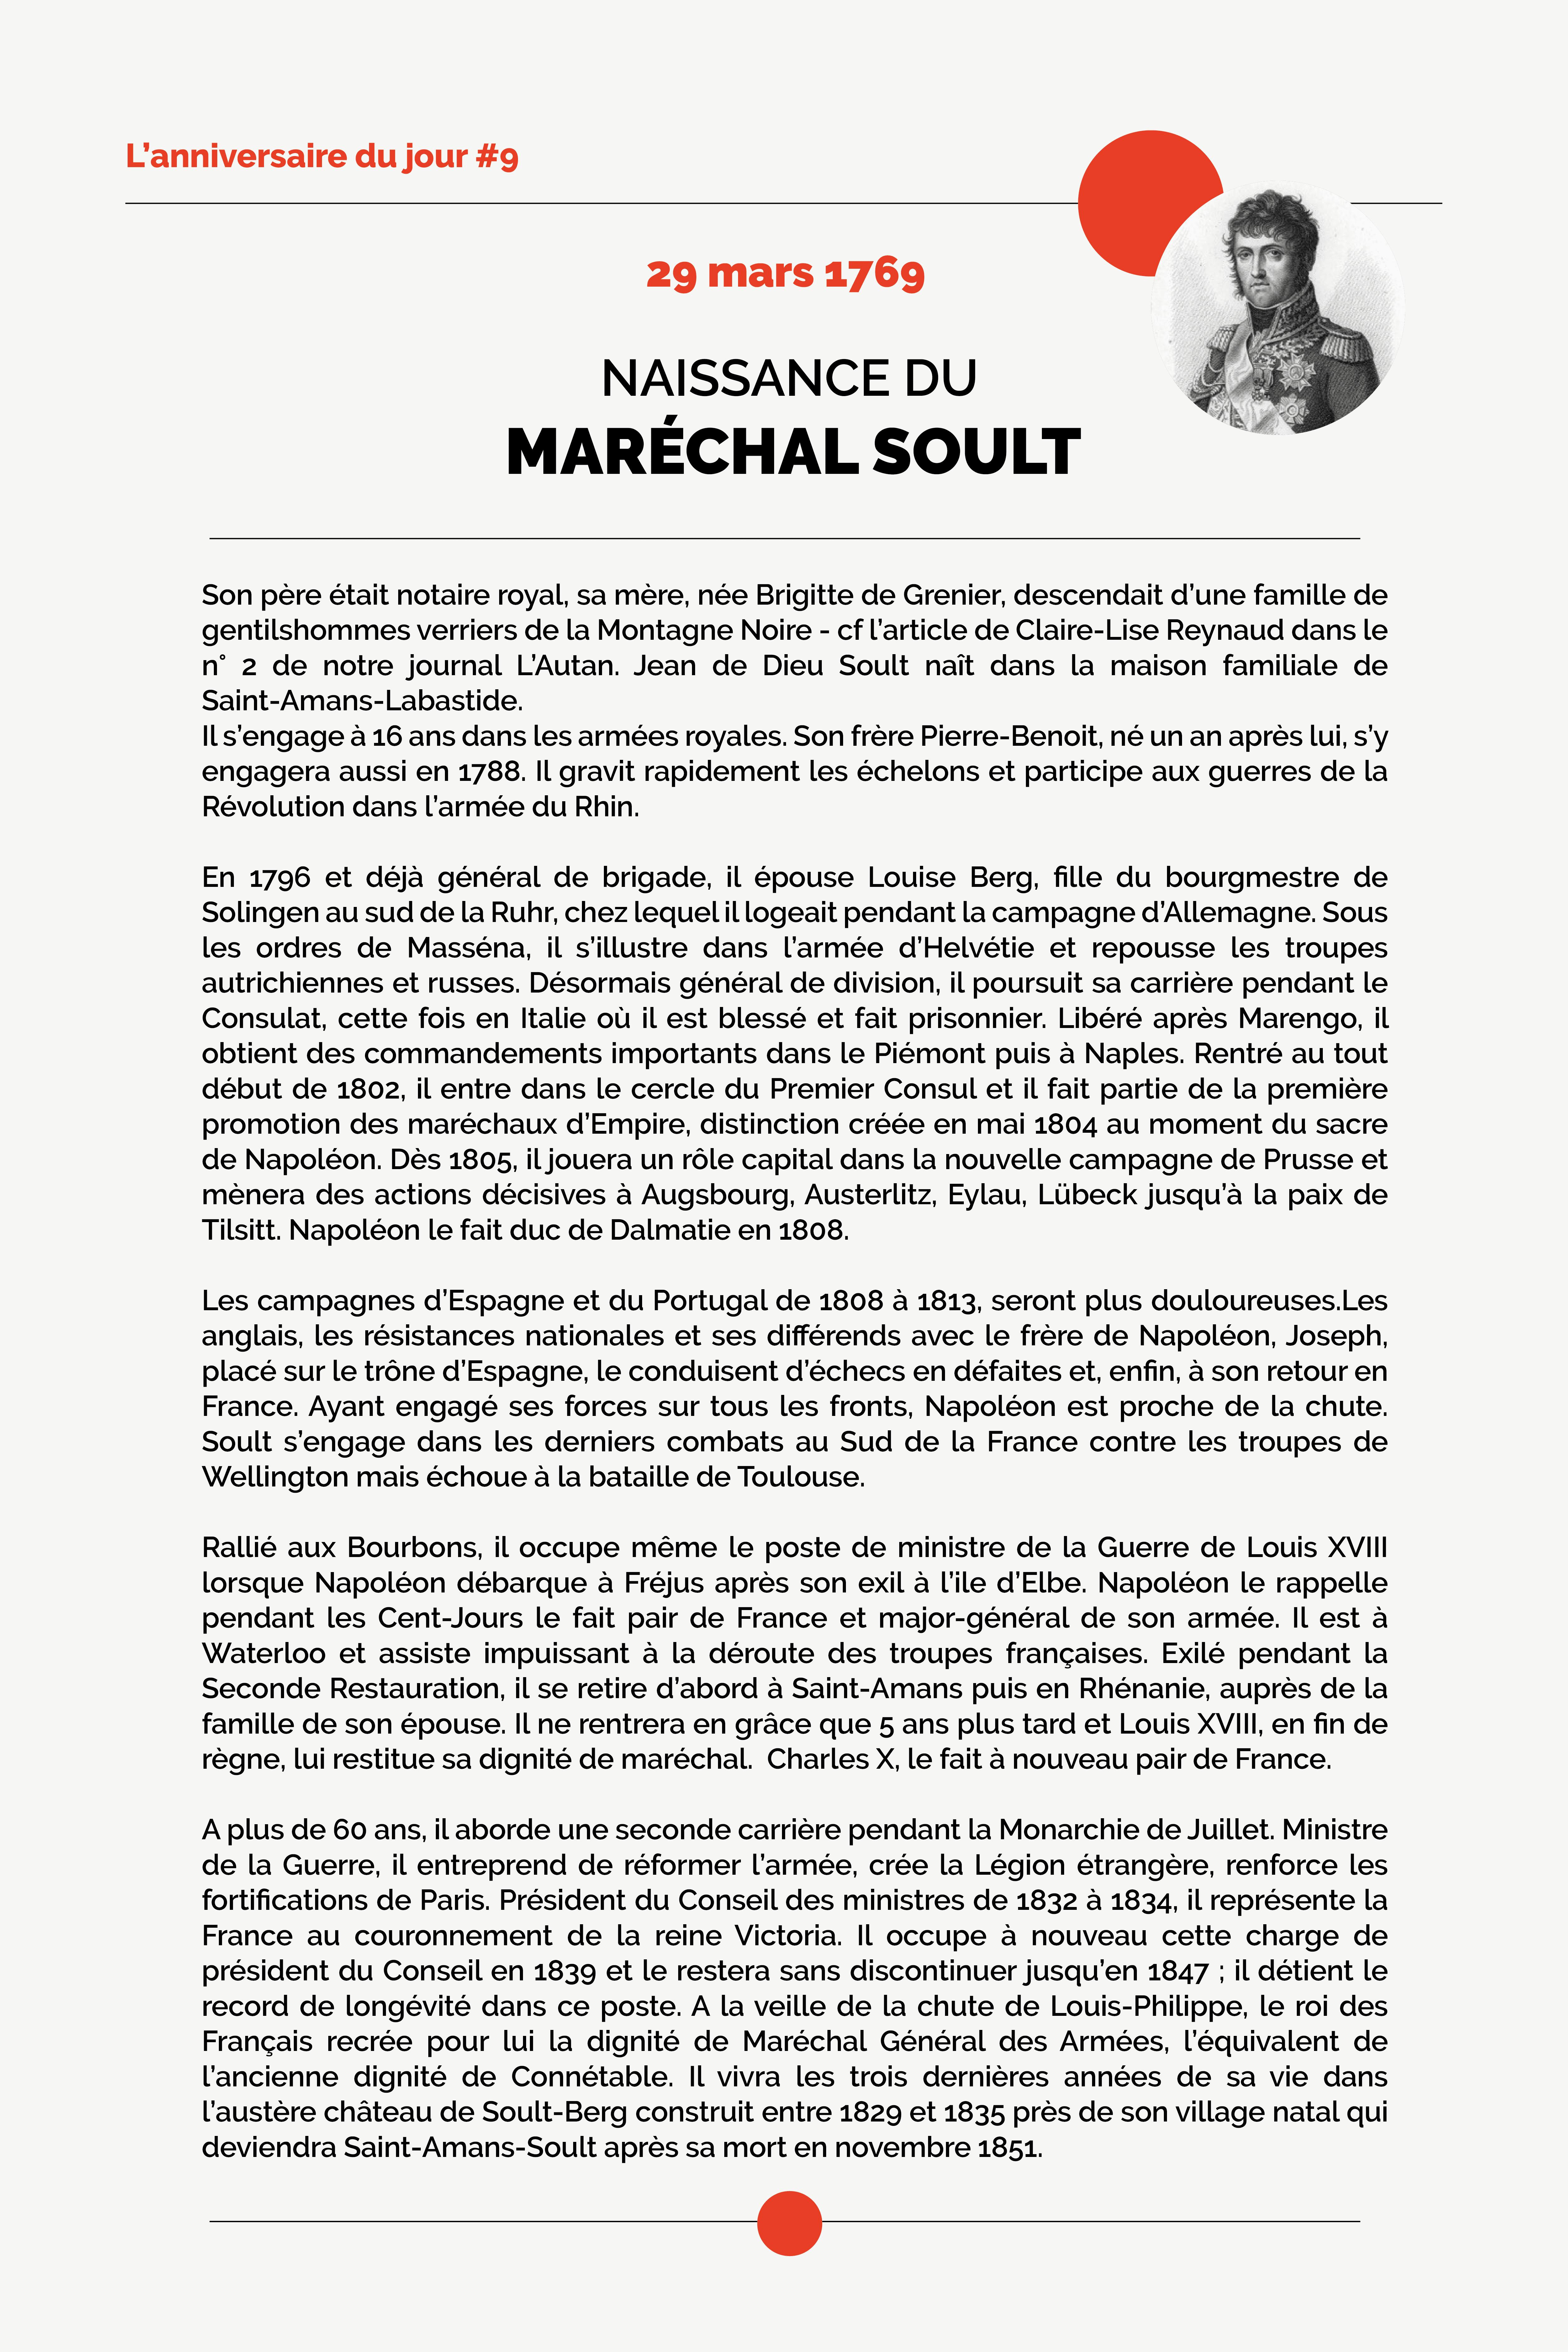 Anniversaire-Naissance-Maréchal-Soult